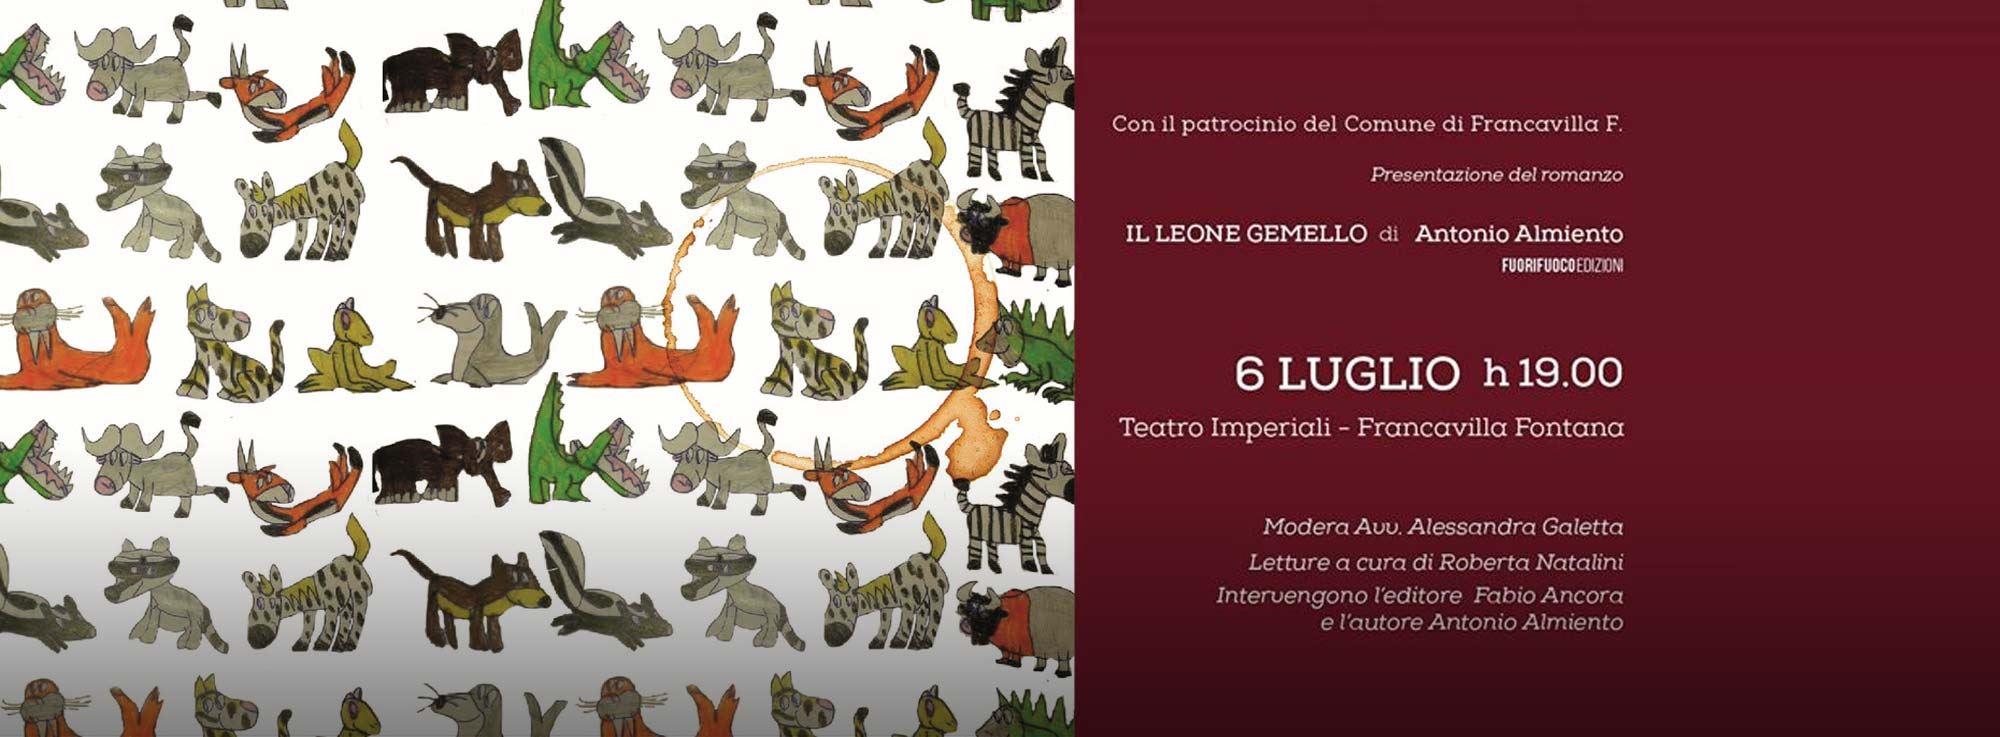 Francavilla Fontana : Il leone gemello di Antonio Almiento